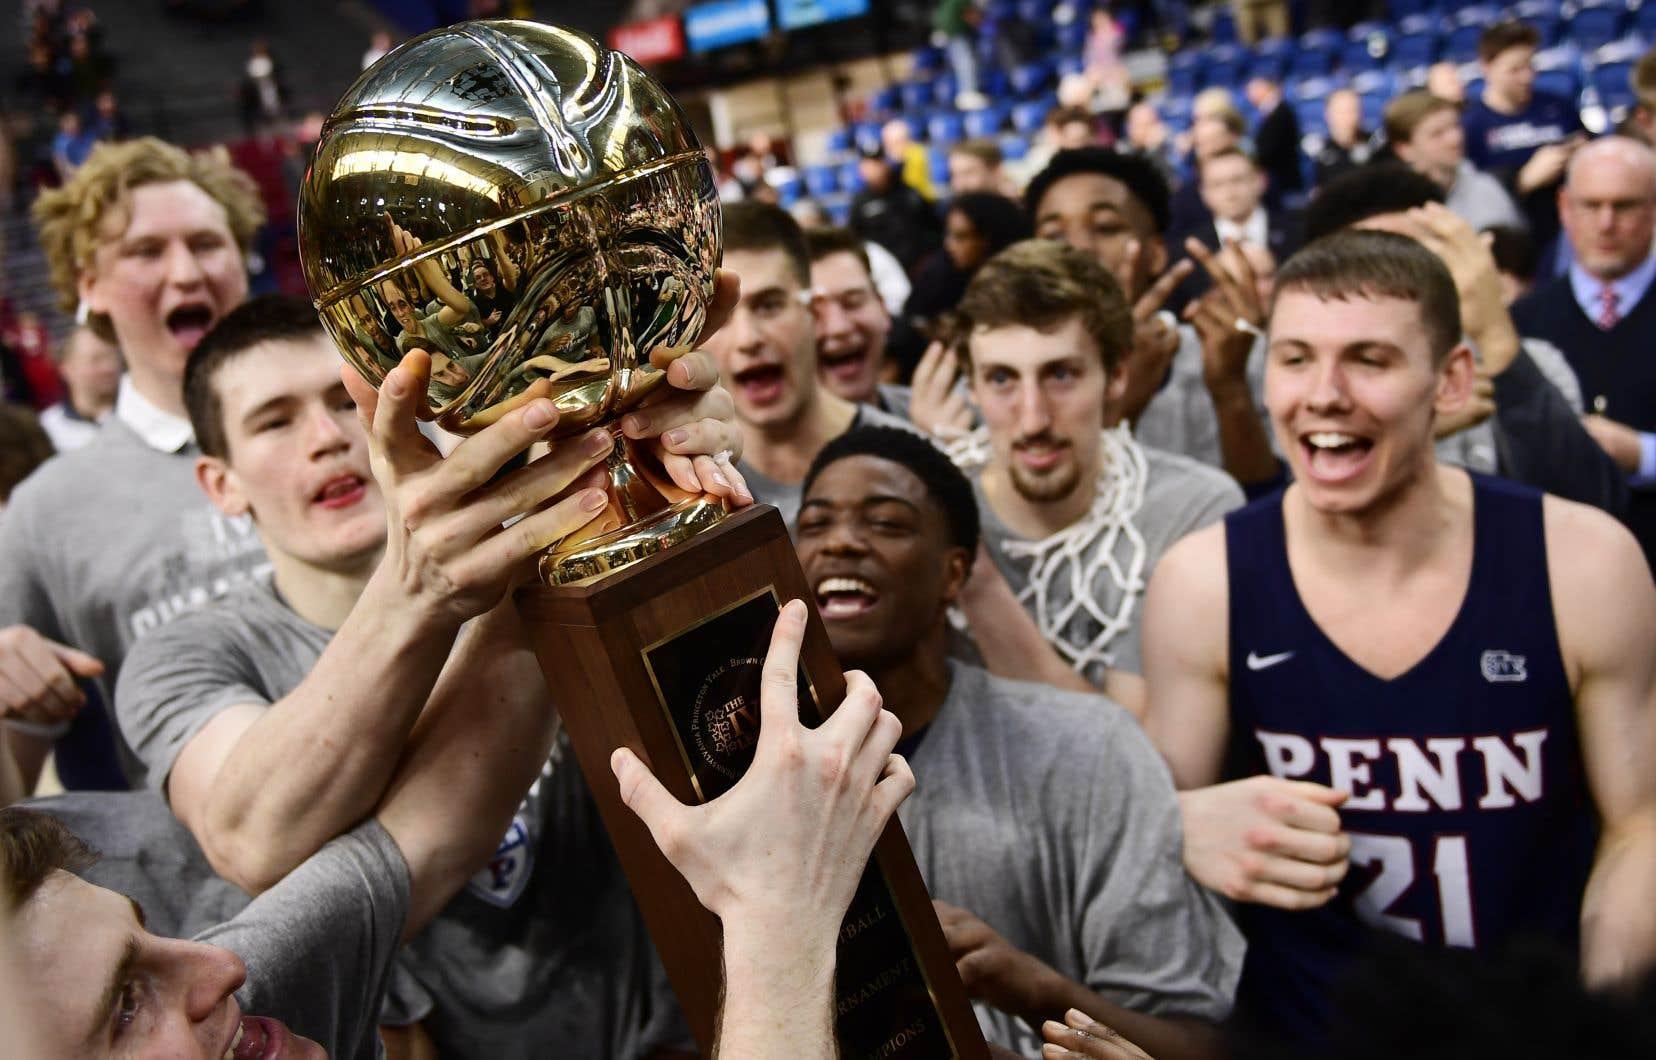 Le Championnat universitaire de basketball est l'un des rendez-vous les plus attendus du calendrier sportif américain.